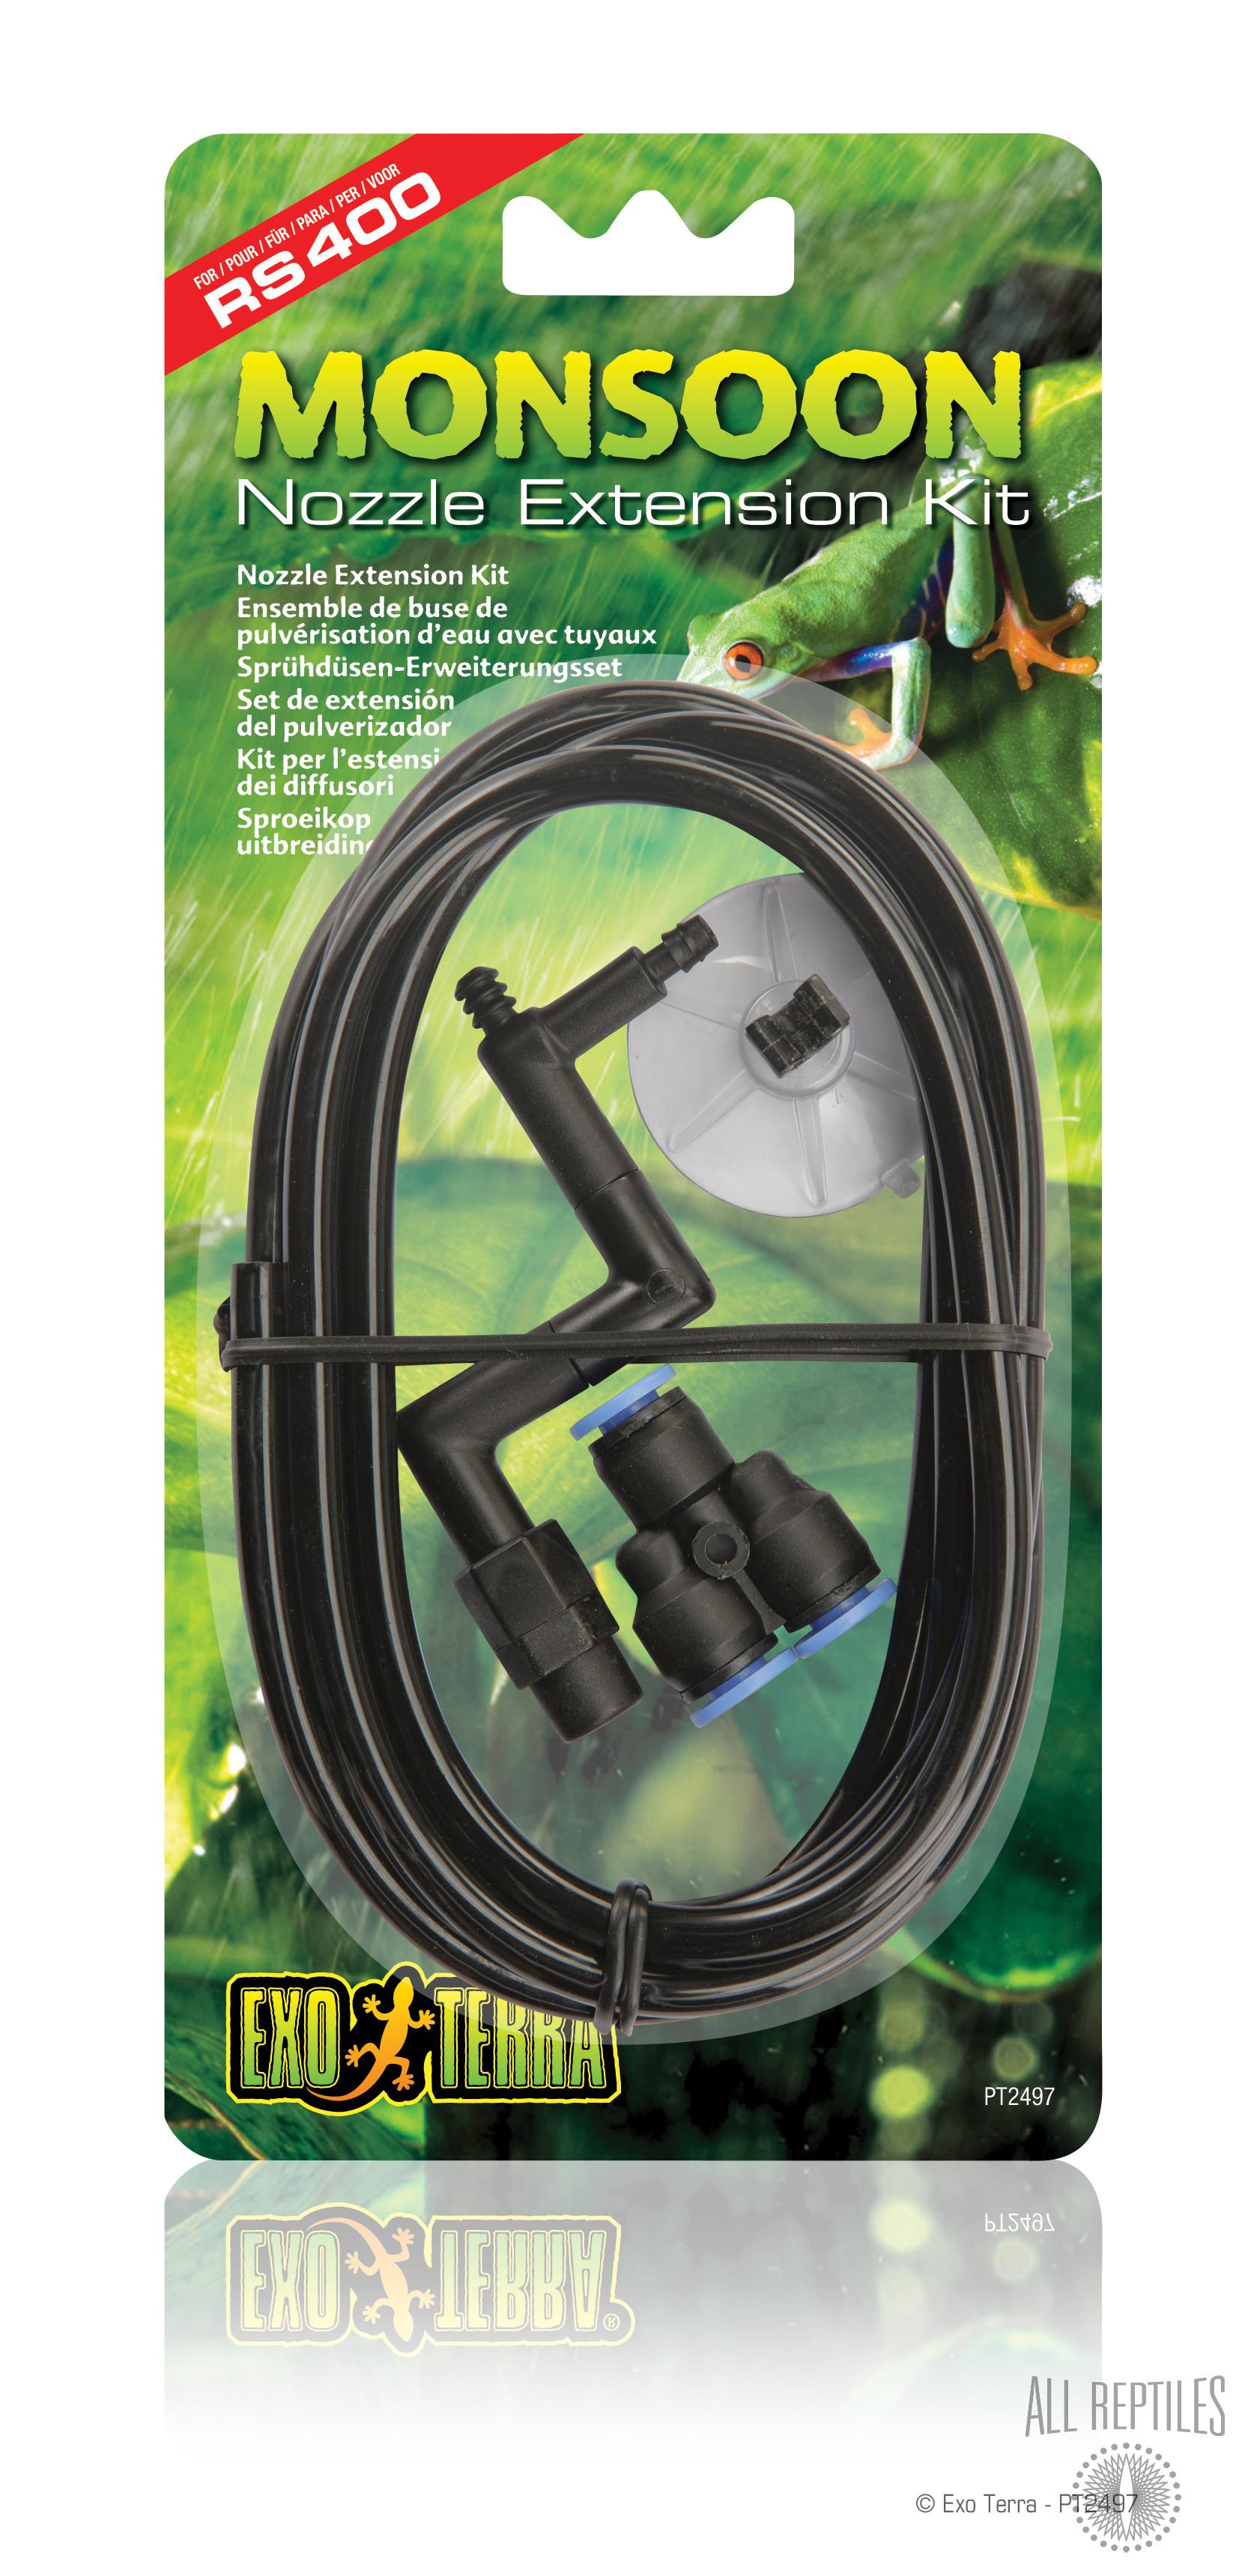 Exo Terra Monsoon Nozzle Extension Kit